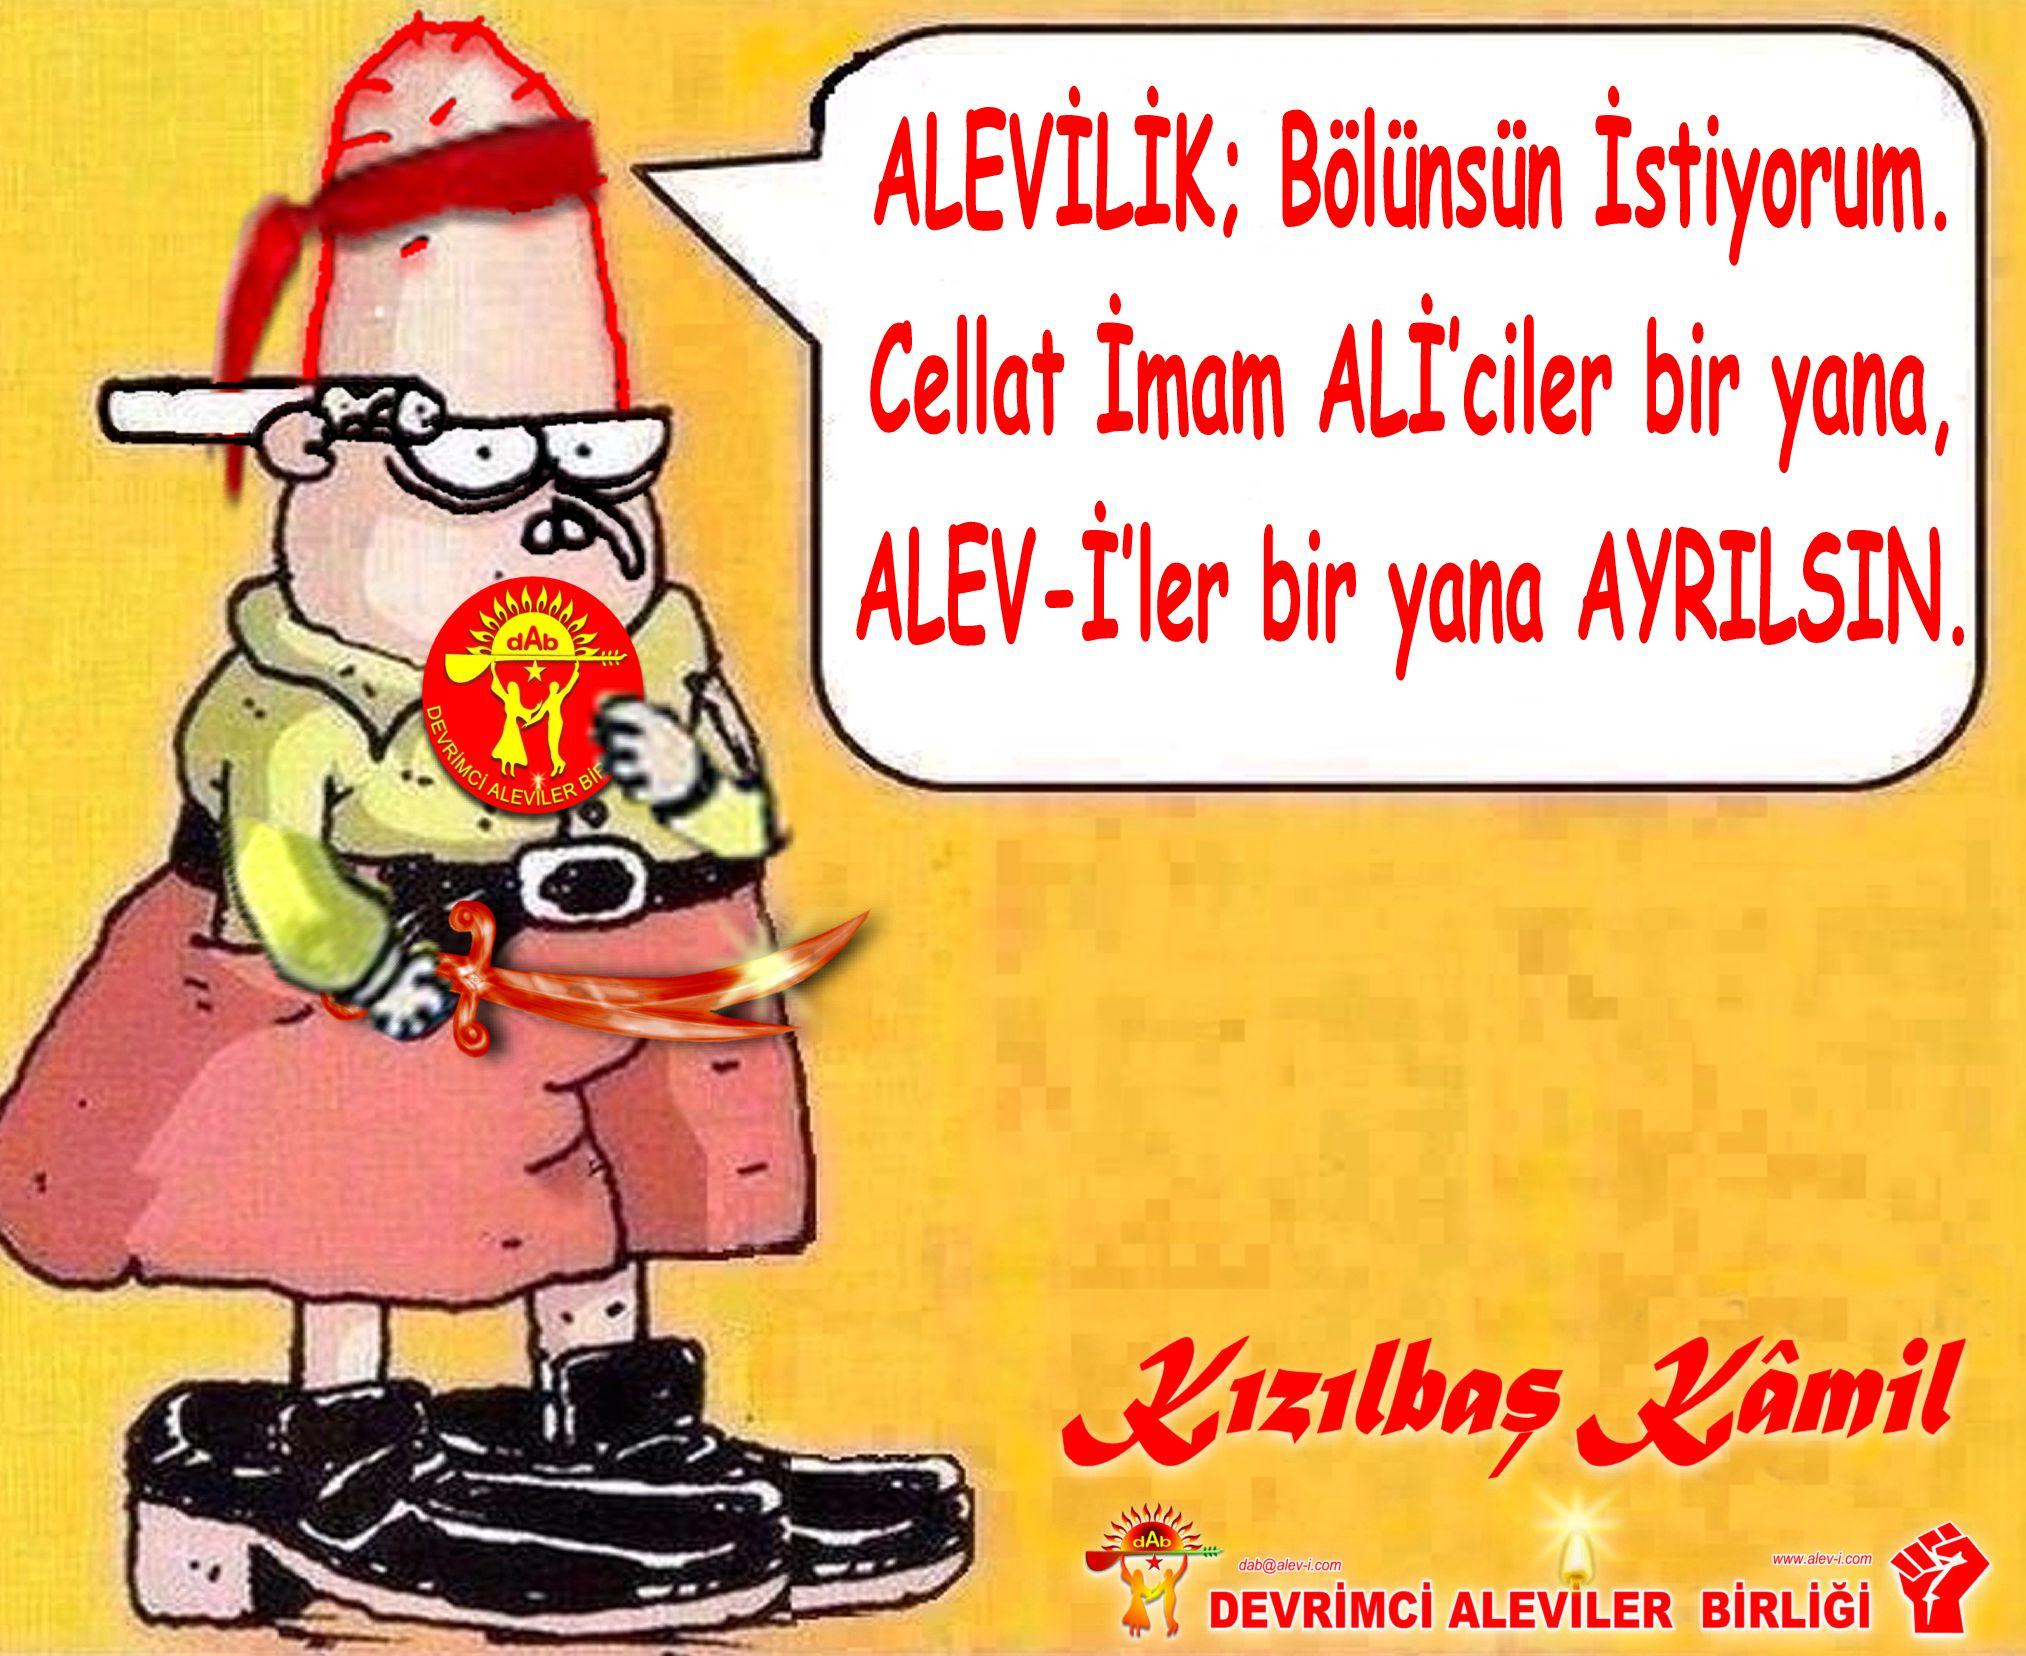 Devrimci Aleviler Birliği DAB Alevi Kızılbaş Bektaşi pir sultan cem hz Ali 12 imam semah Feramuz Şah Acar kizilbas kamil bolucu